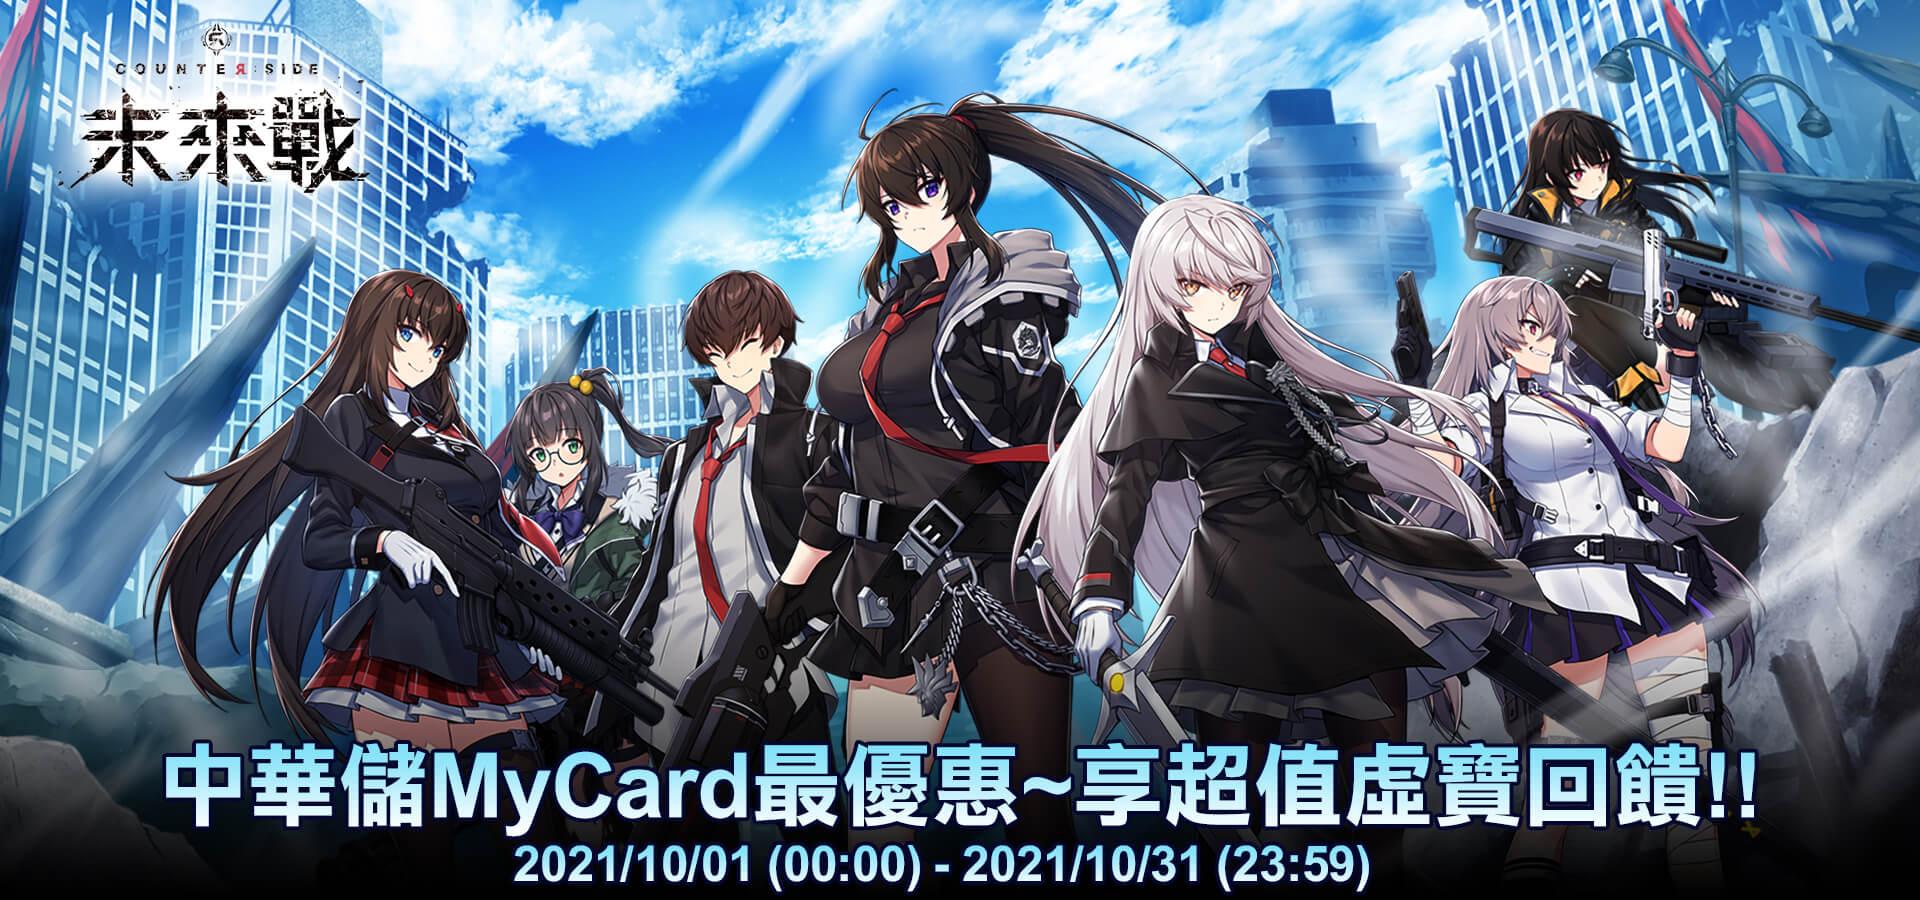 《未來戰》MyCard儲值享超值好禮回饋   中華電信